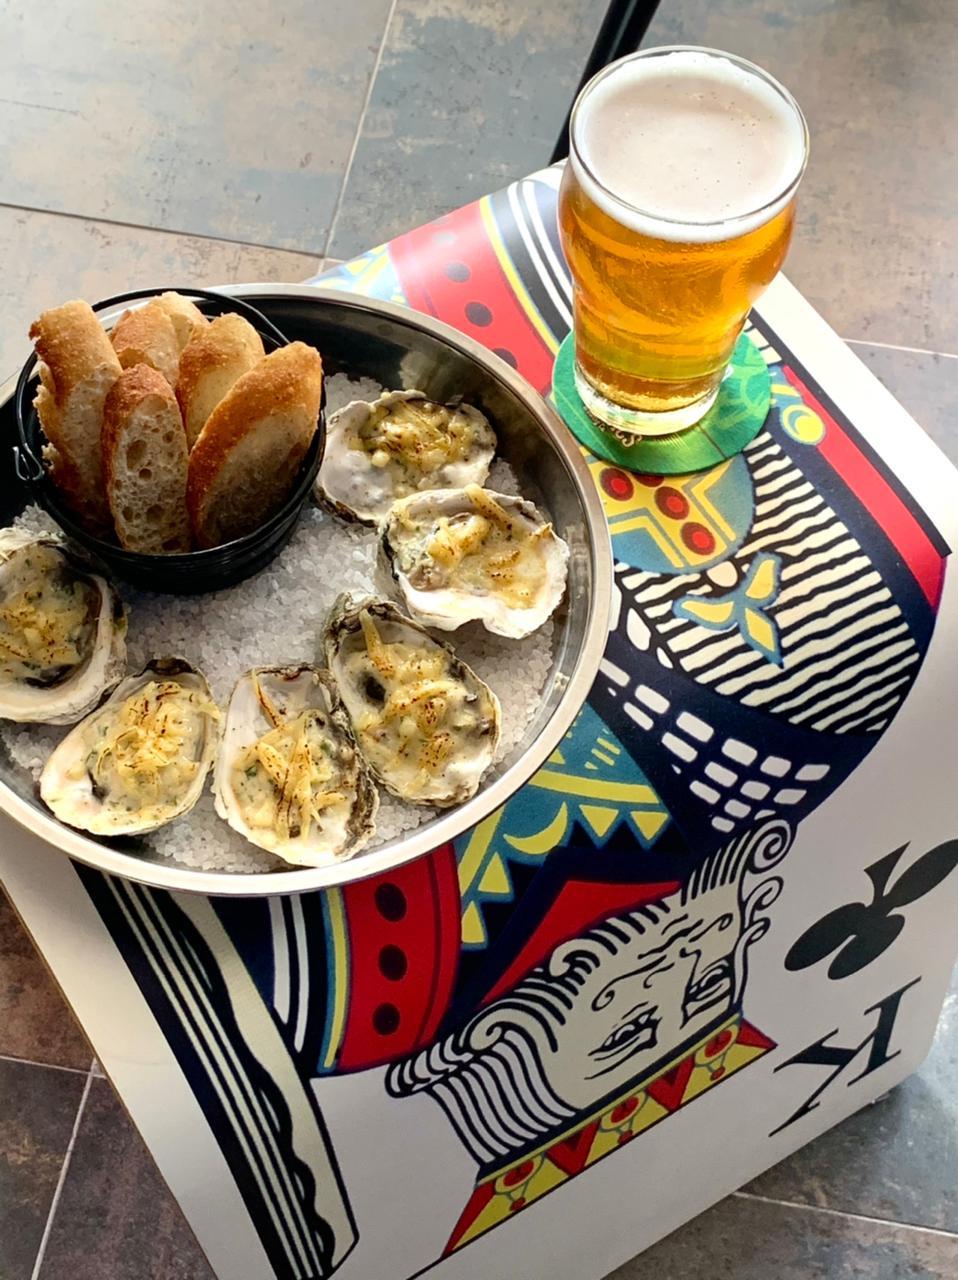 BeerMad Batel traz ostras de Guaraqueçaba harmonizadas com cervejas, espumantes e drinks